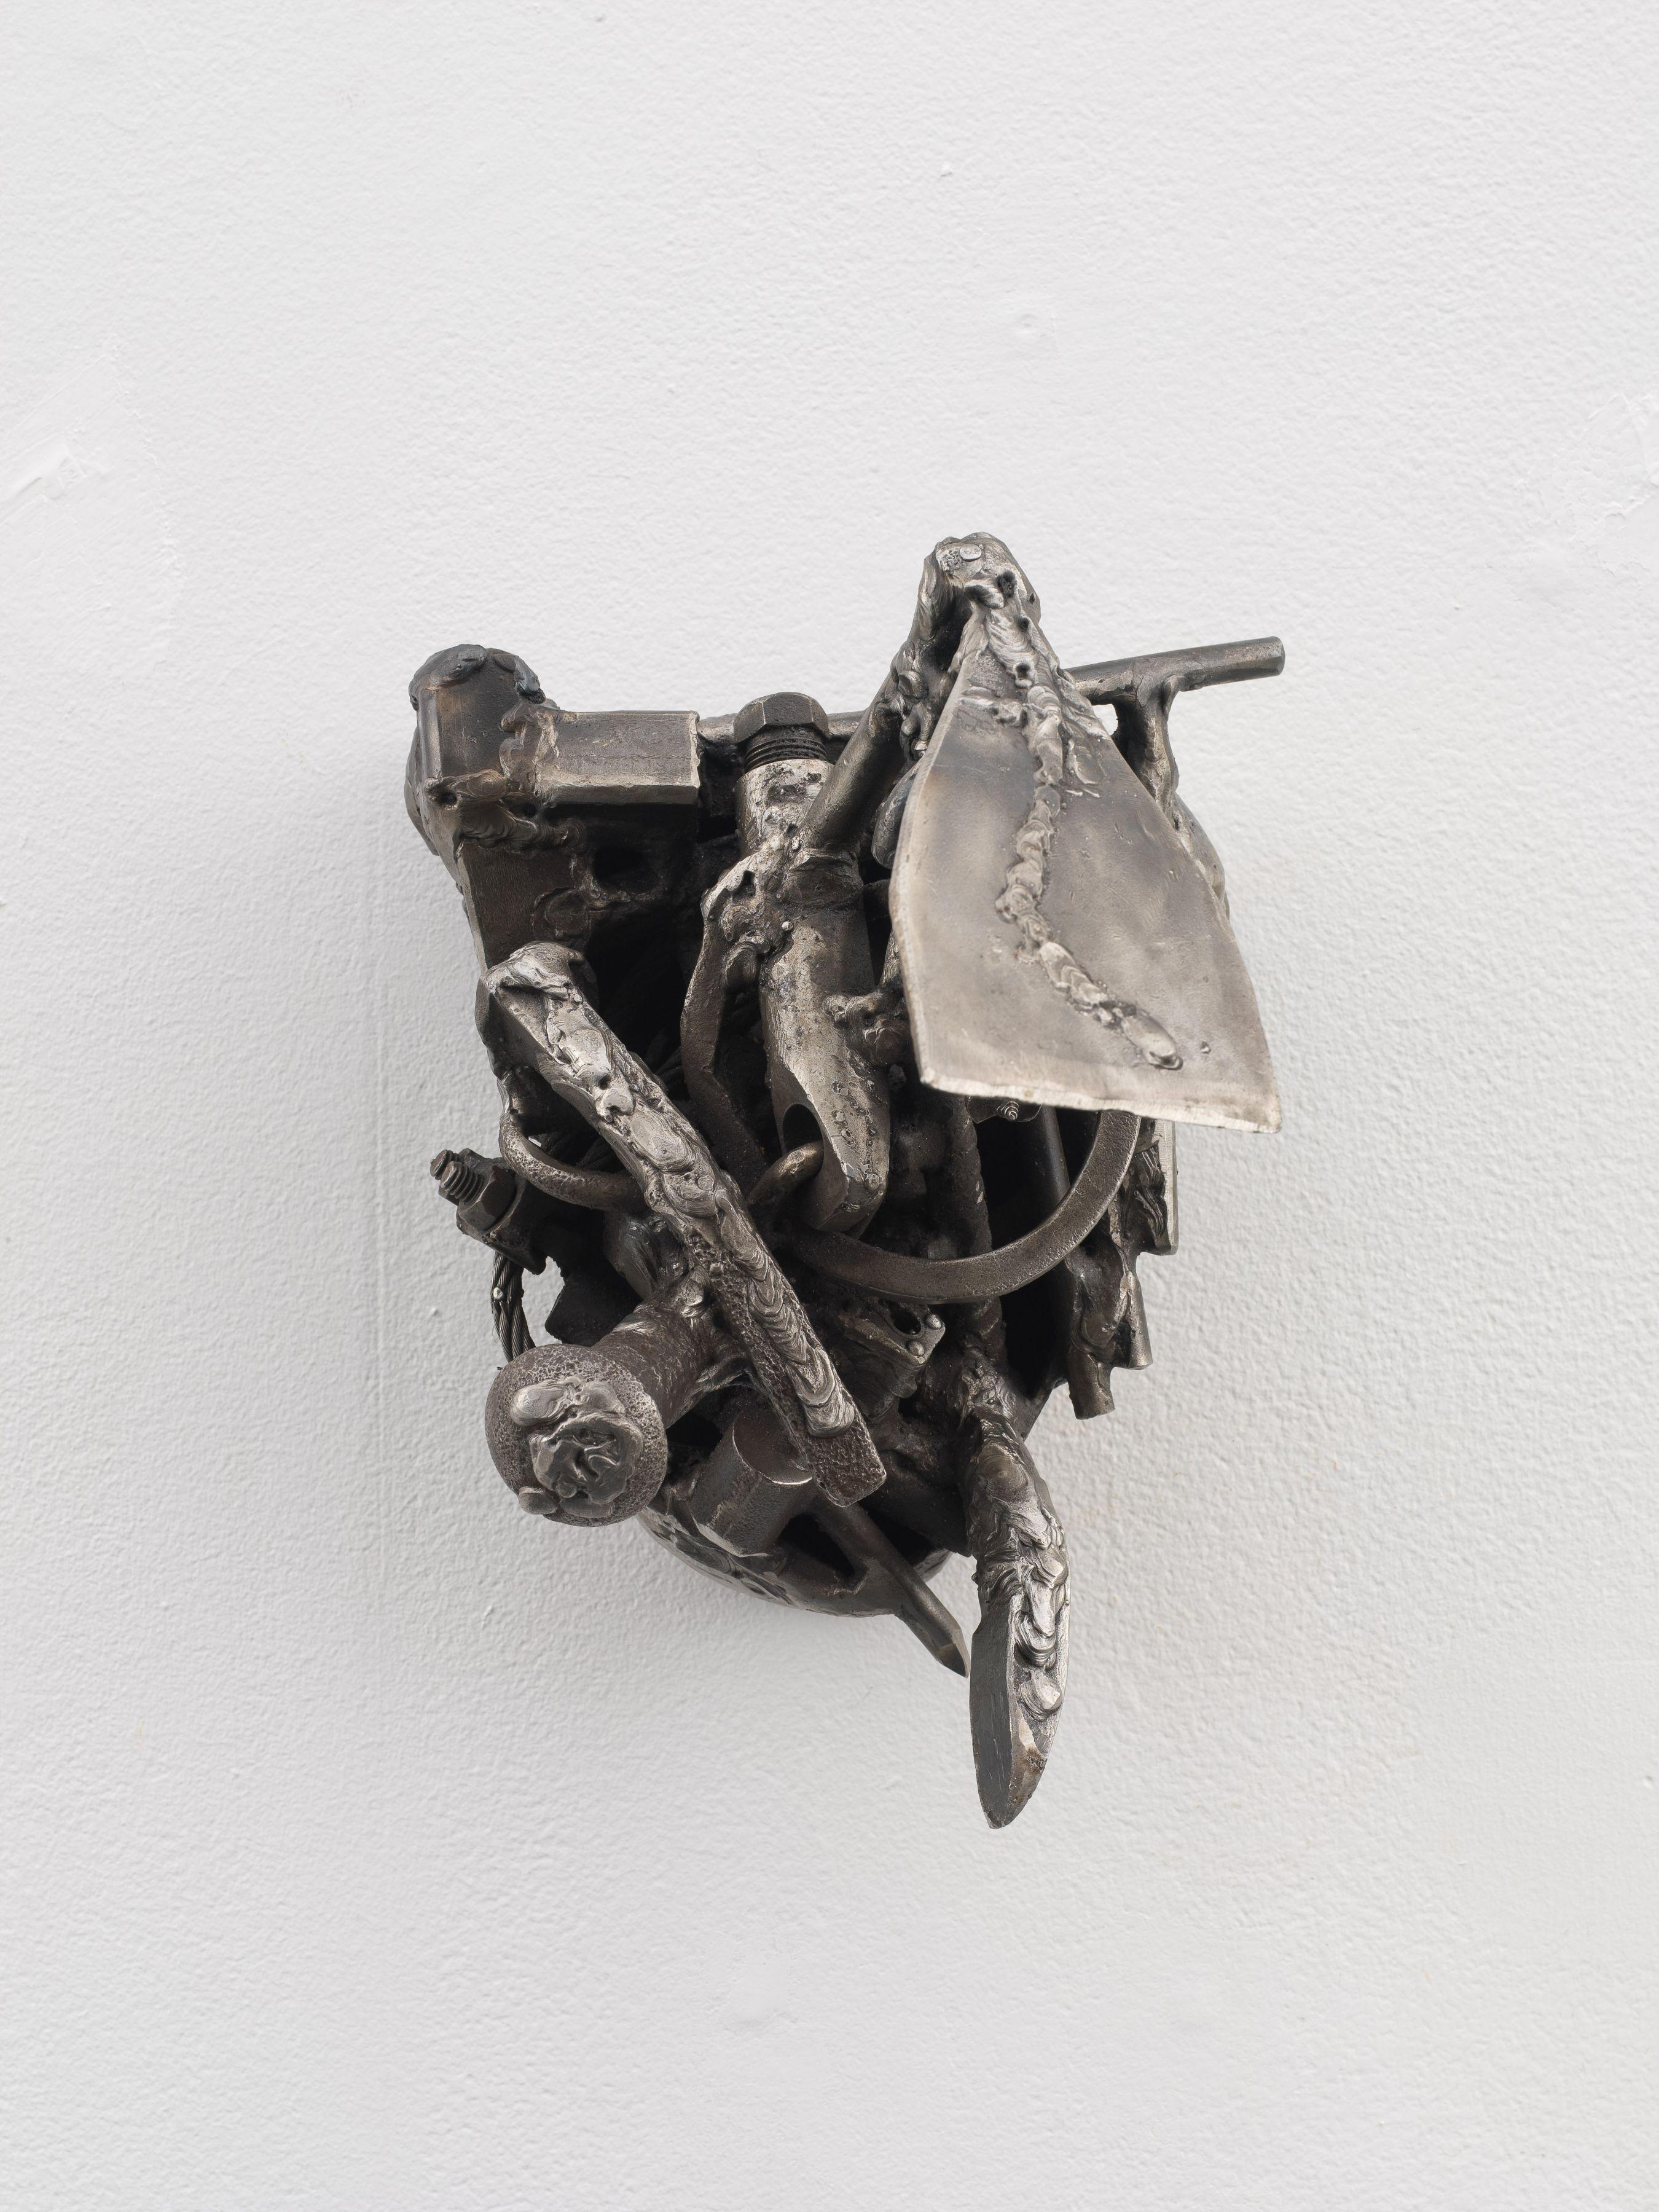 Poetry, 2012, Welded steel